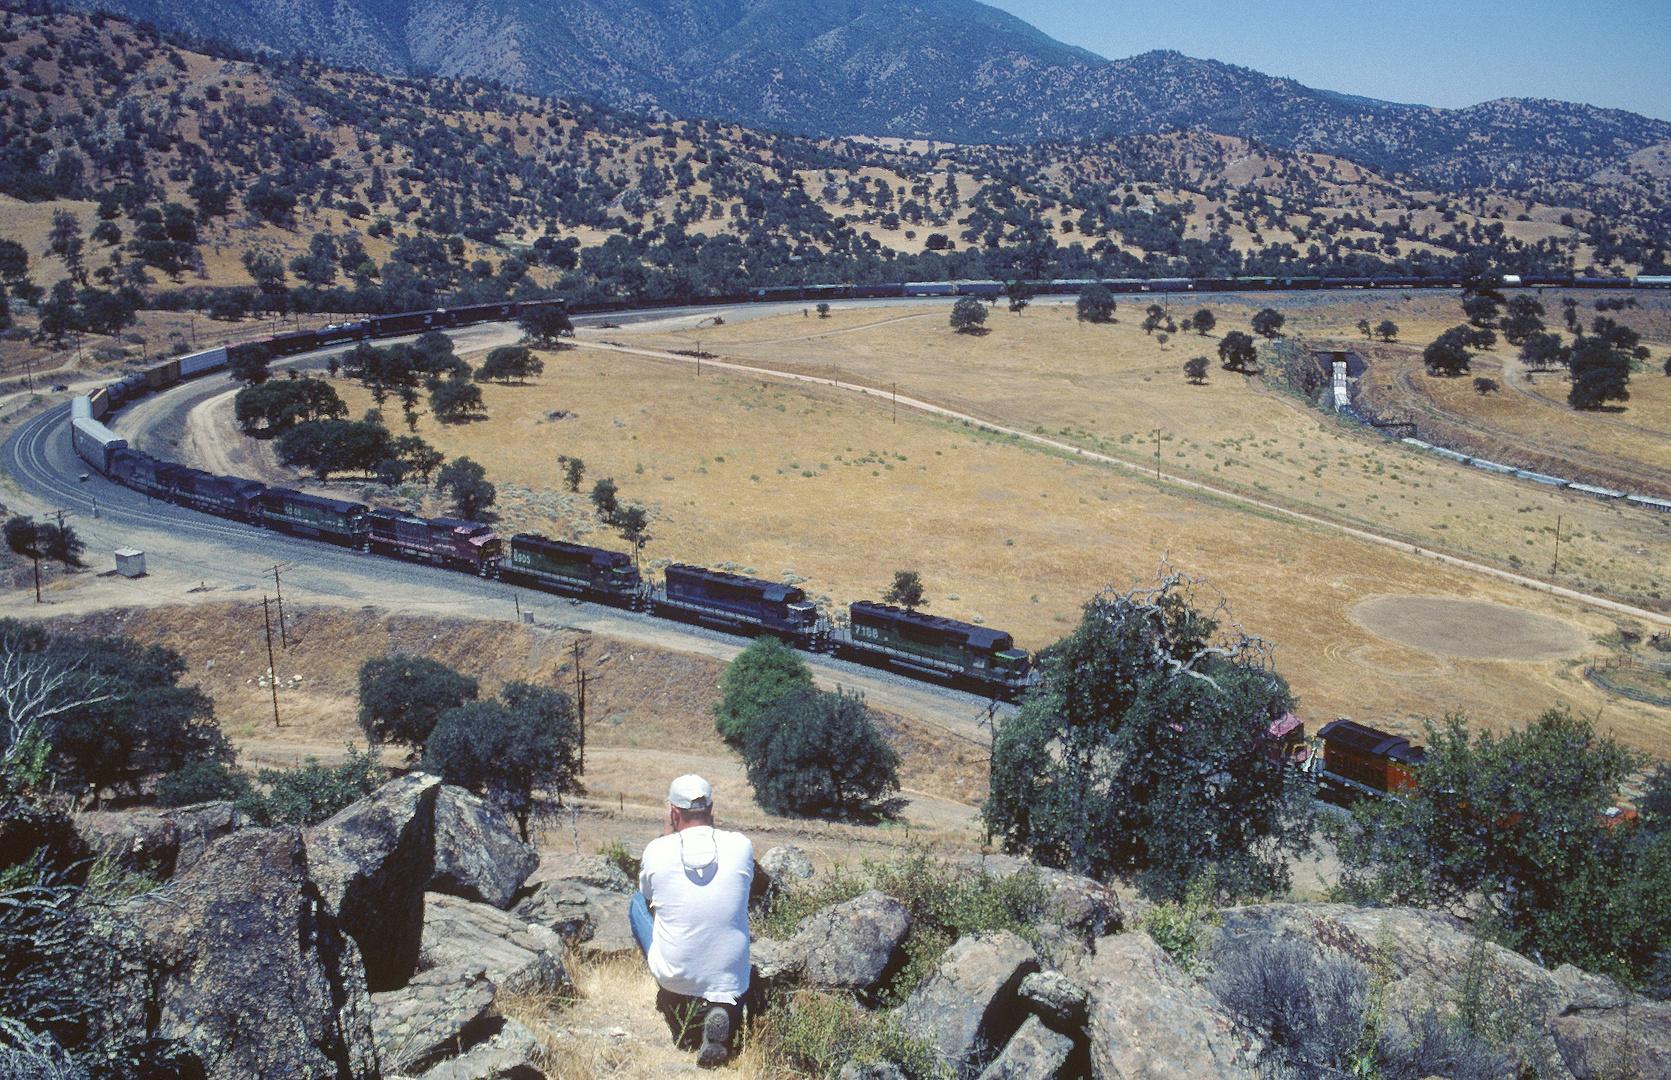 9 (!) Lokomotiven führen einen Güterzug über den Tehachapi Loop in Richtung Mojave,CA